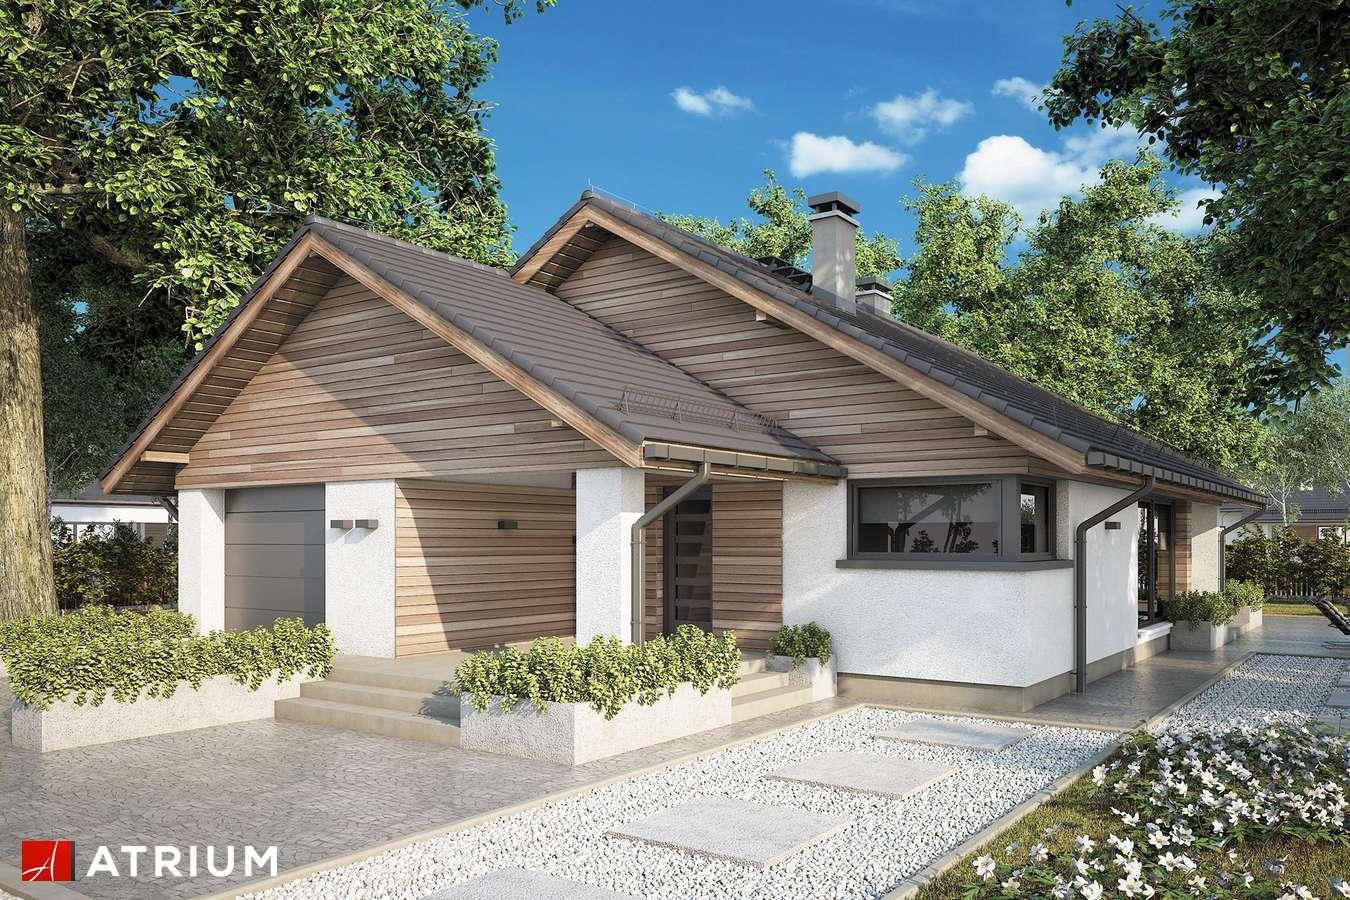 Projekty domów - Projekt domu parterowego PLISZKA IX - wizualizacja 1 - wersja lustrzana